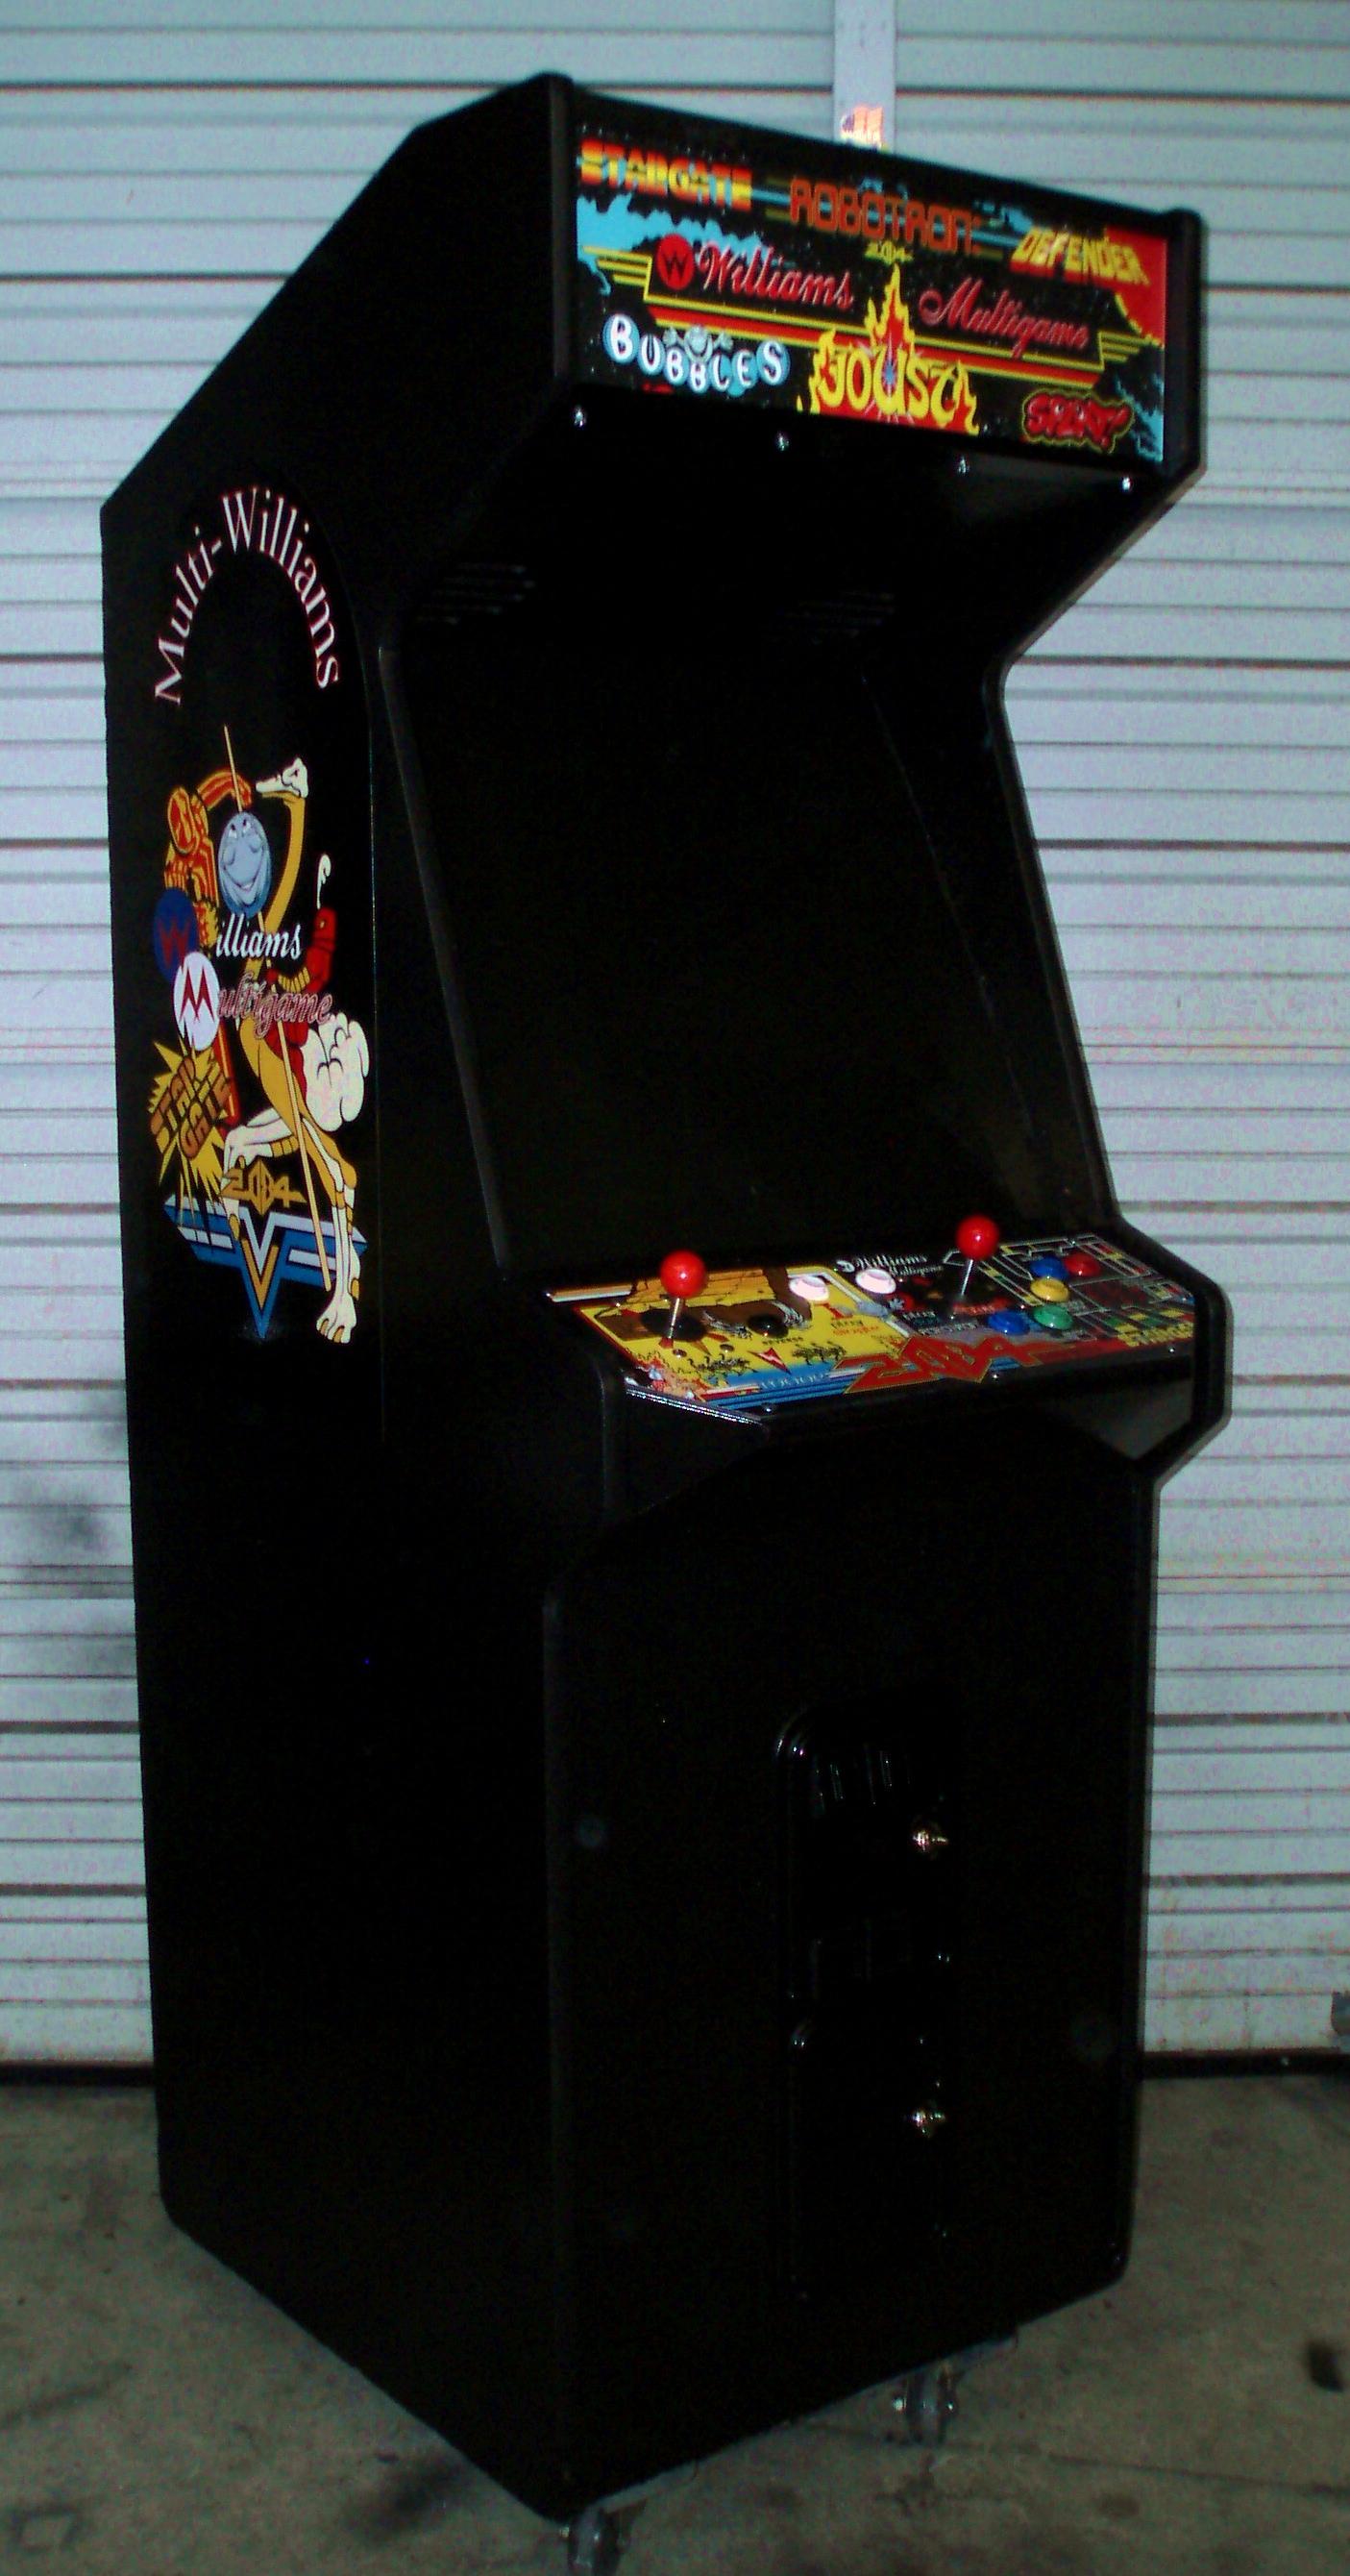 Williams Robotron Arcade Game Control Panel Overlay